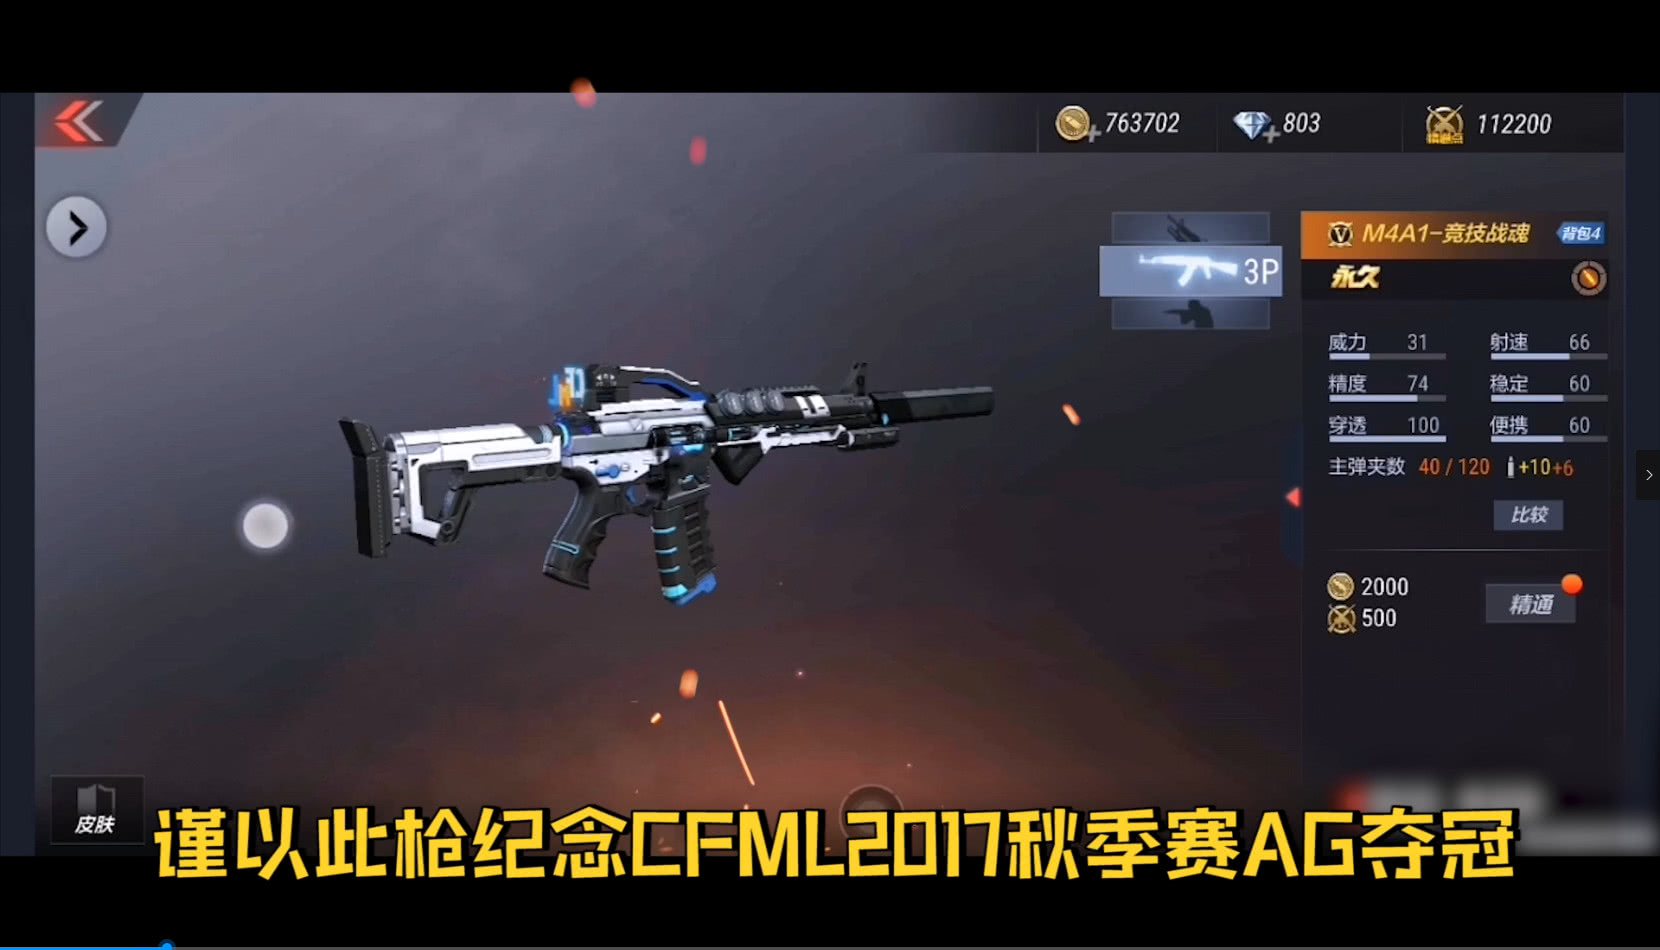 cfm小阡陌:m4a1-竞技战魂,科技感十足!